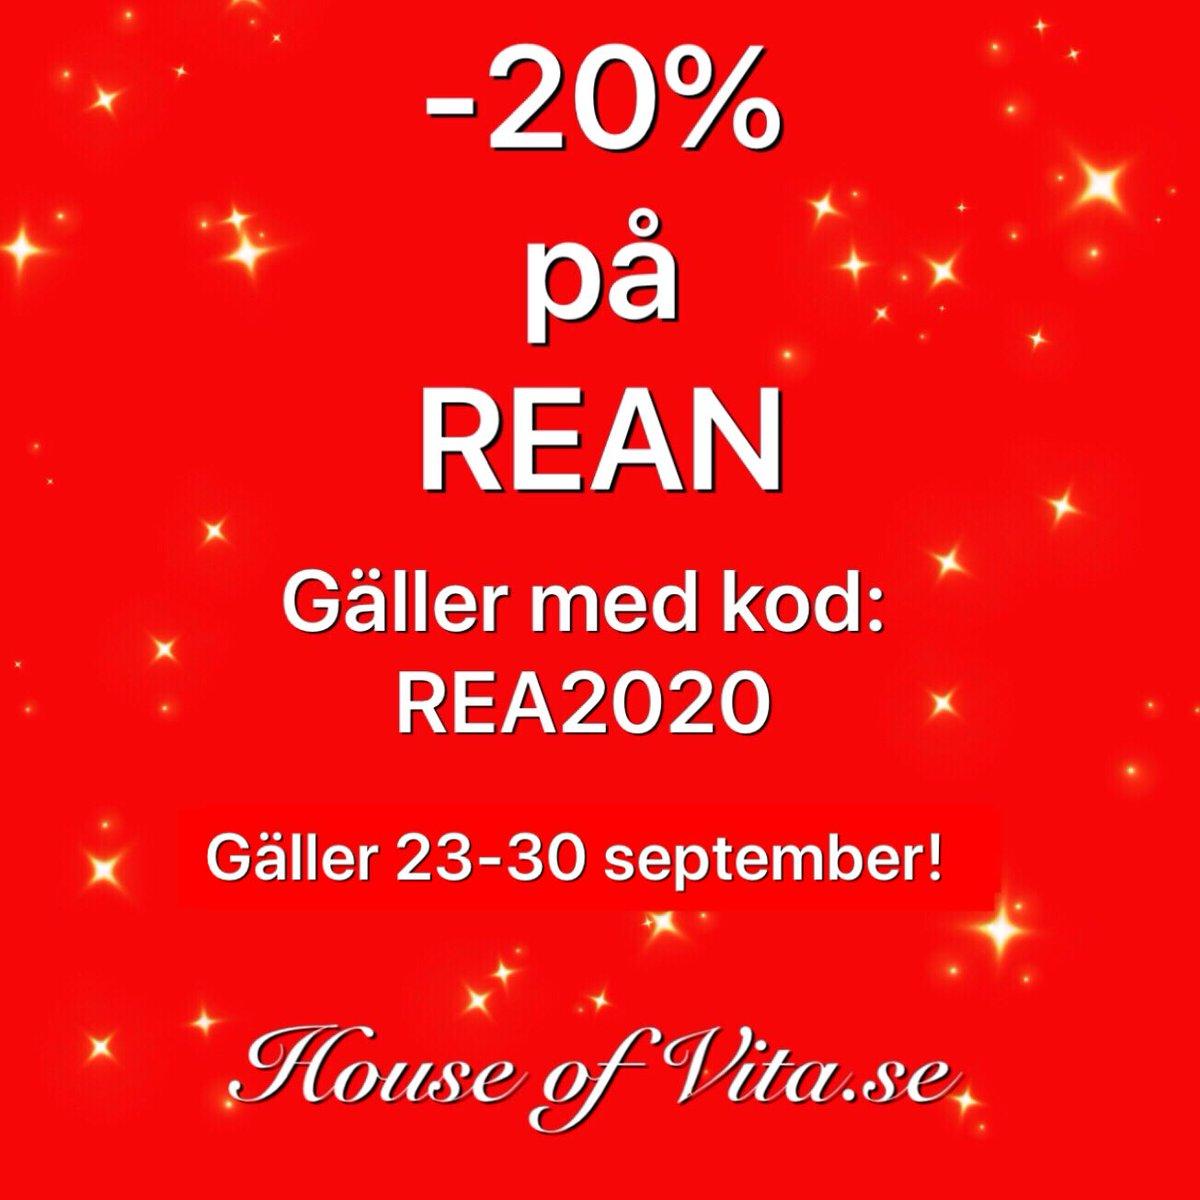 Välkommen till vår kända webbutik med fantastisk #inredning i #butik https://t.co/18wS7qETgJ! Gåva vid köp över 400:-! #nyhet #söndag #svt #tv4 #sverige#sthlm #gbg #skåne #linköping #uppsala #västerås #jkpg #umeå#nytt #stockholm #lund #malmö #presenter #interiör #borås #växjö https://t.co/gewwD7ONSg